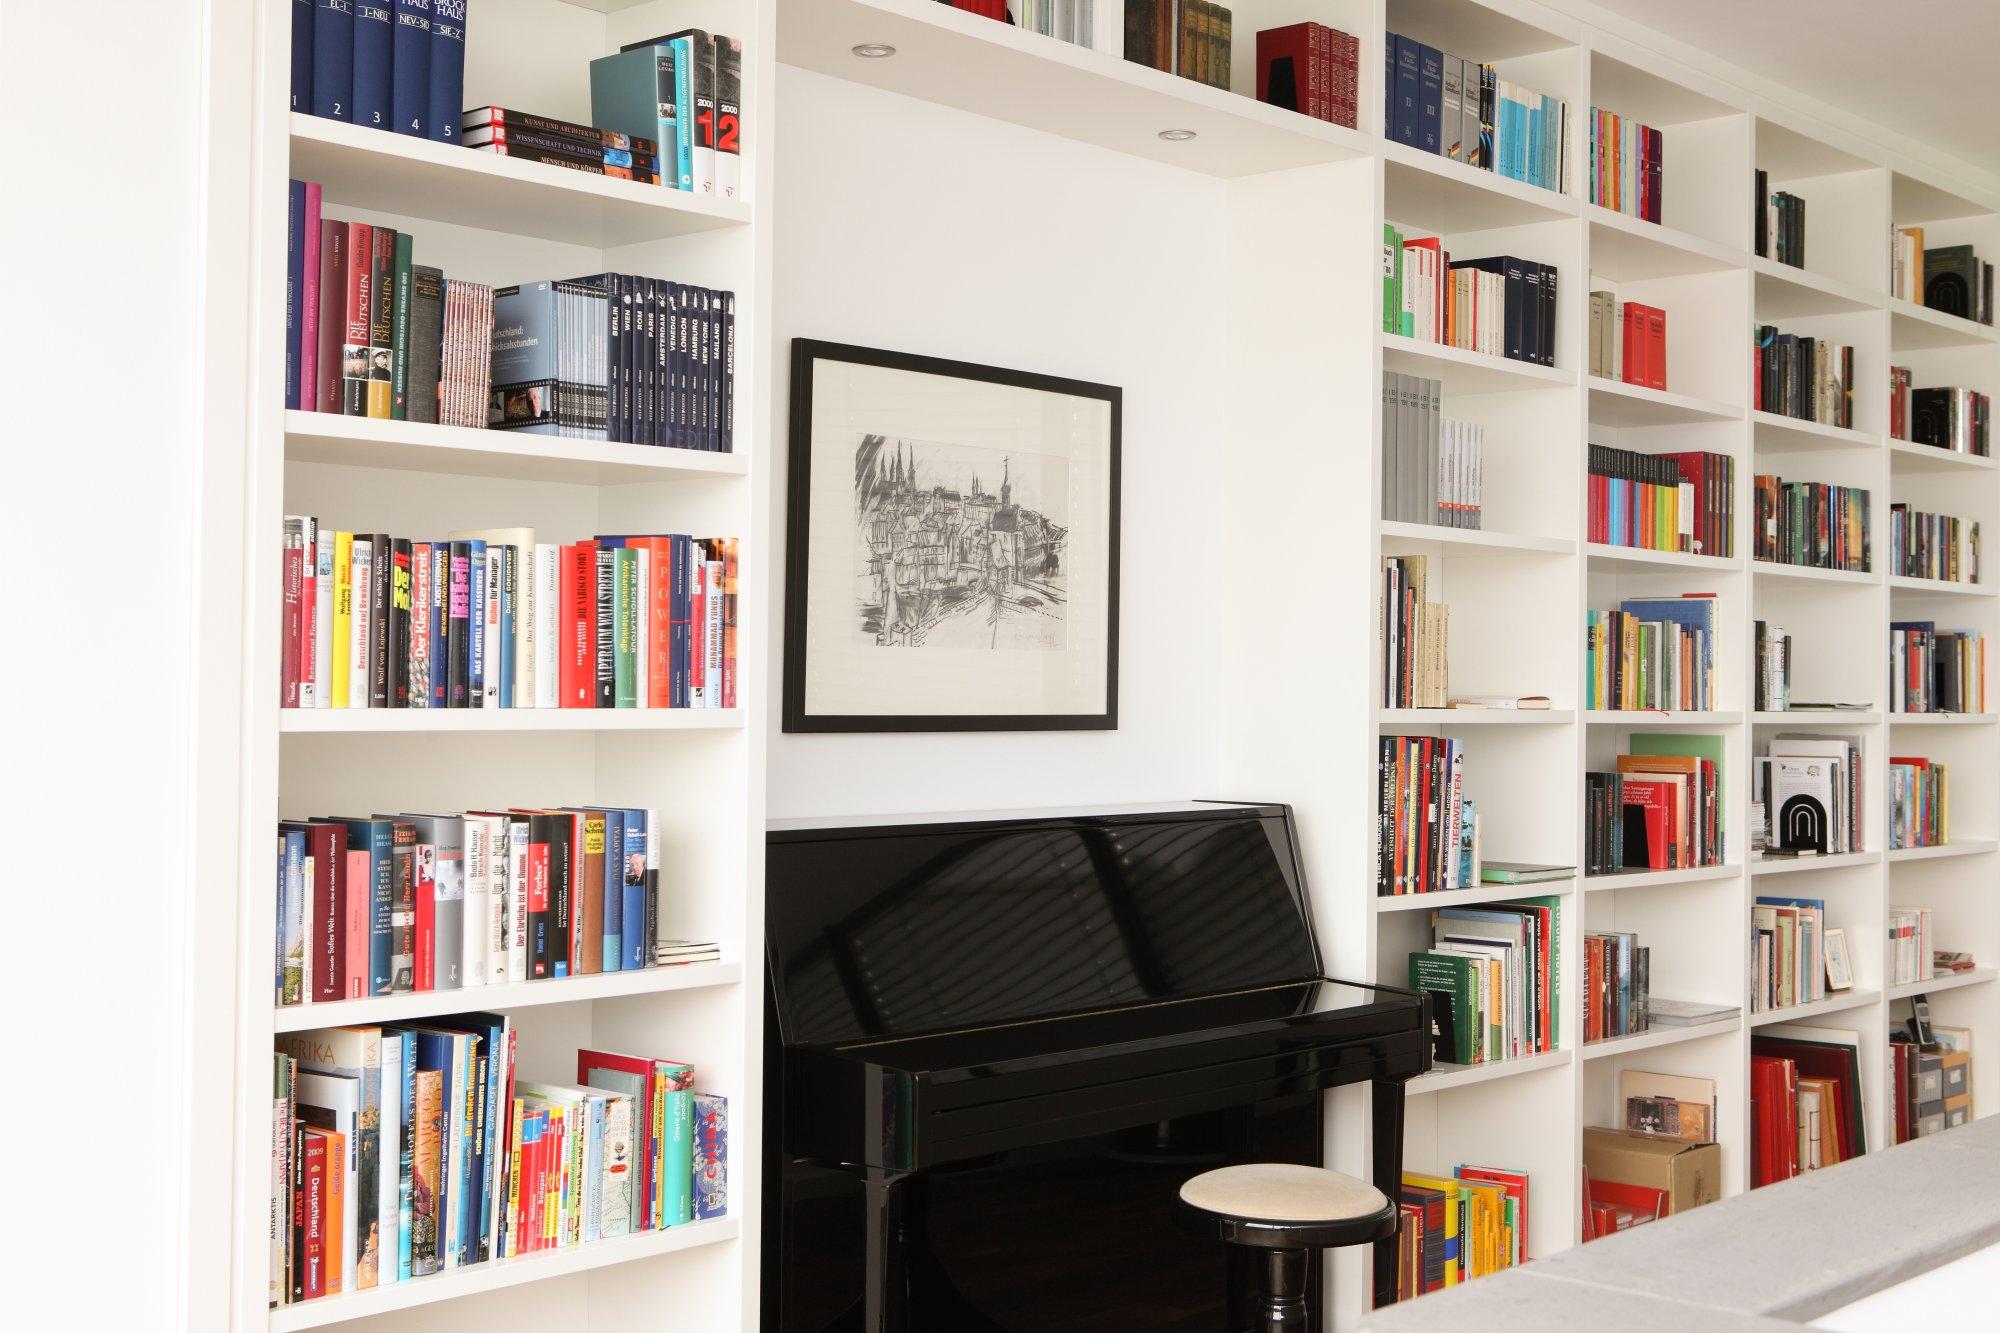 Bücherregalwand in weiß lackiert als Rahmen für Klavier